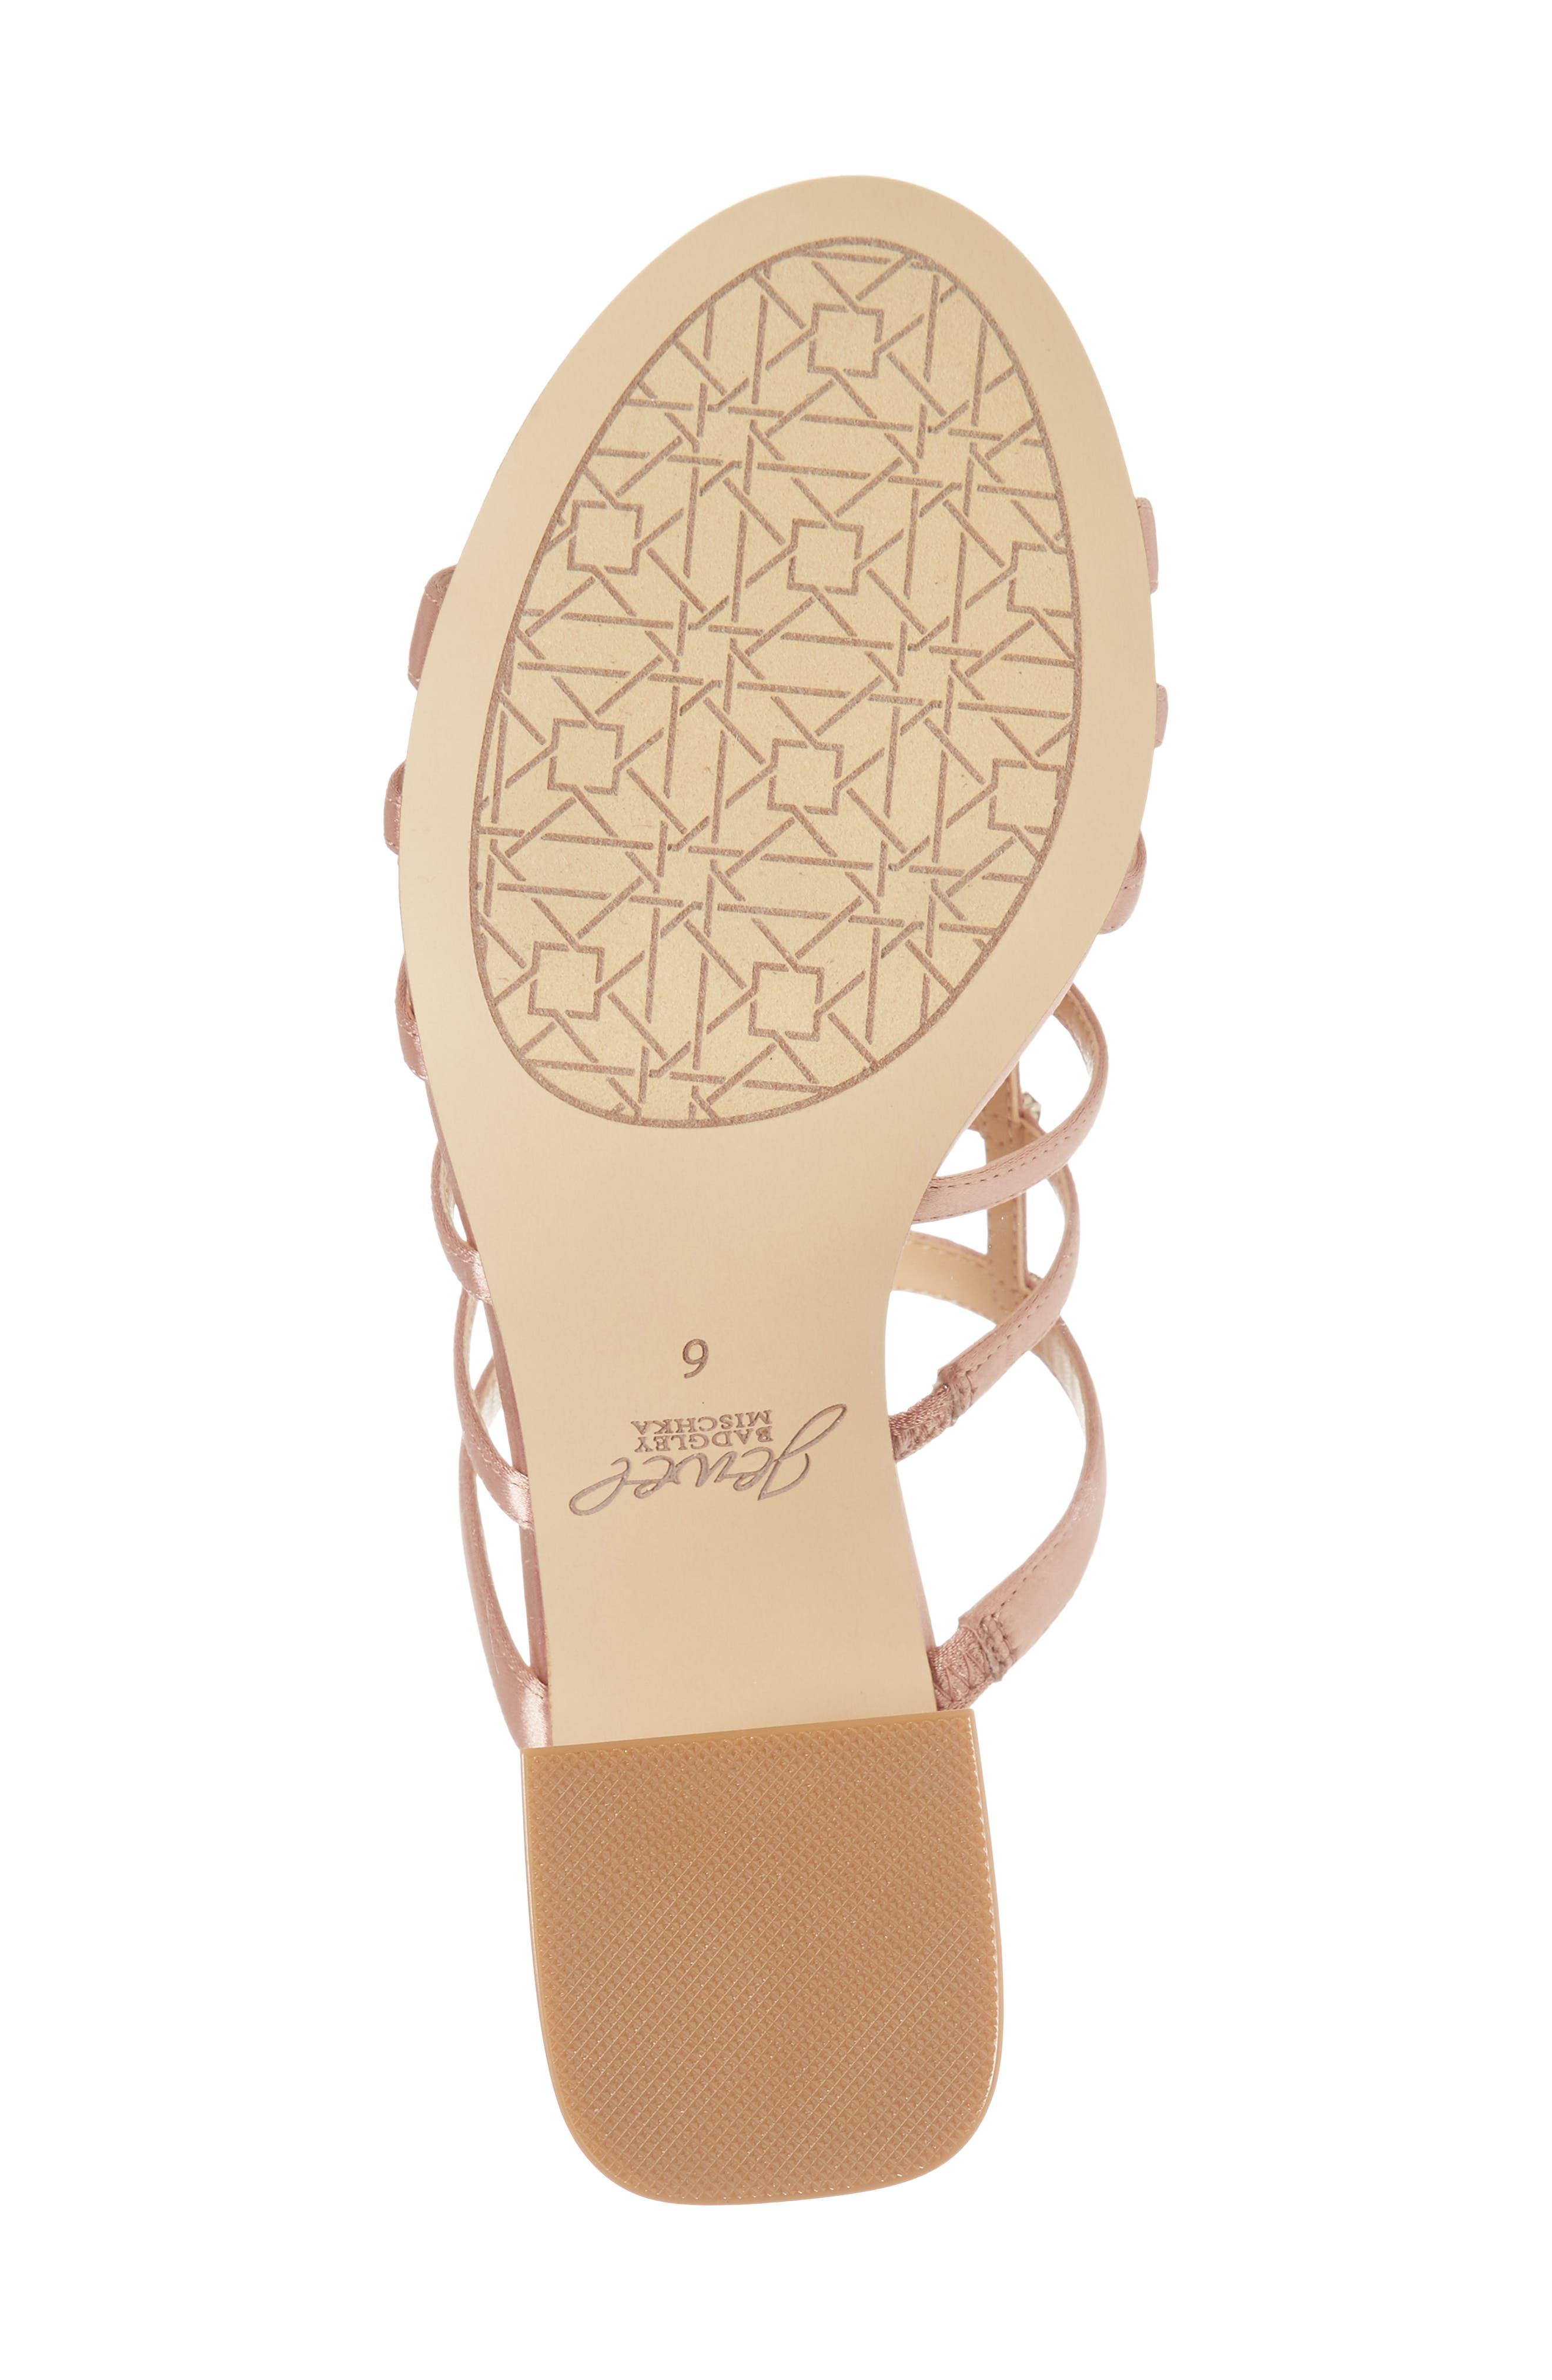 Thorne Crystal Rose Embellished Slide Sandal,                             Alternate thumbnail 6, color,                             Dark Blush Satin